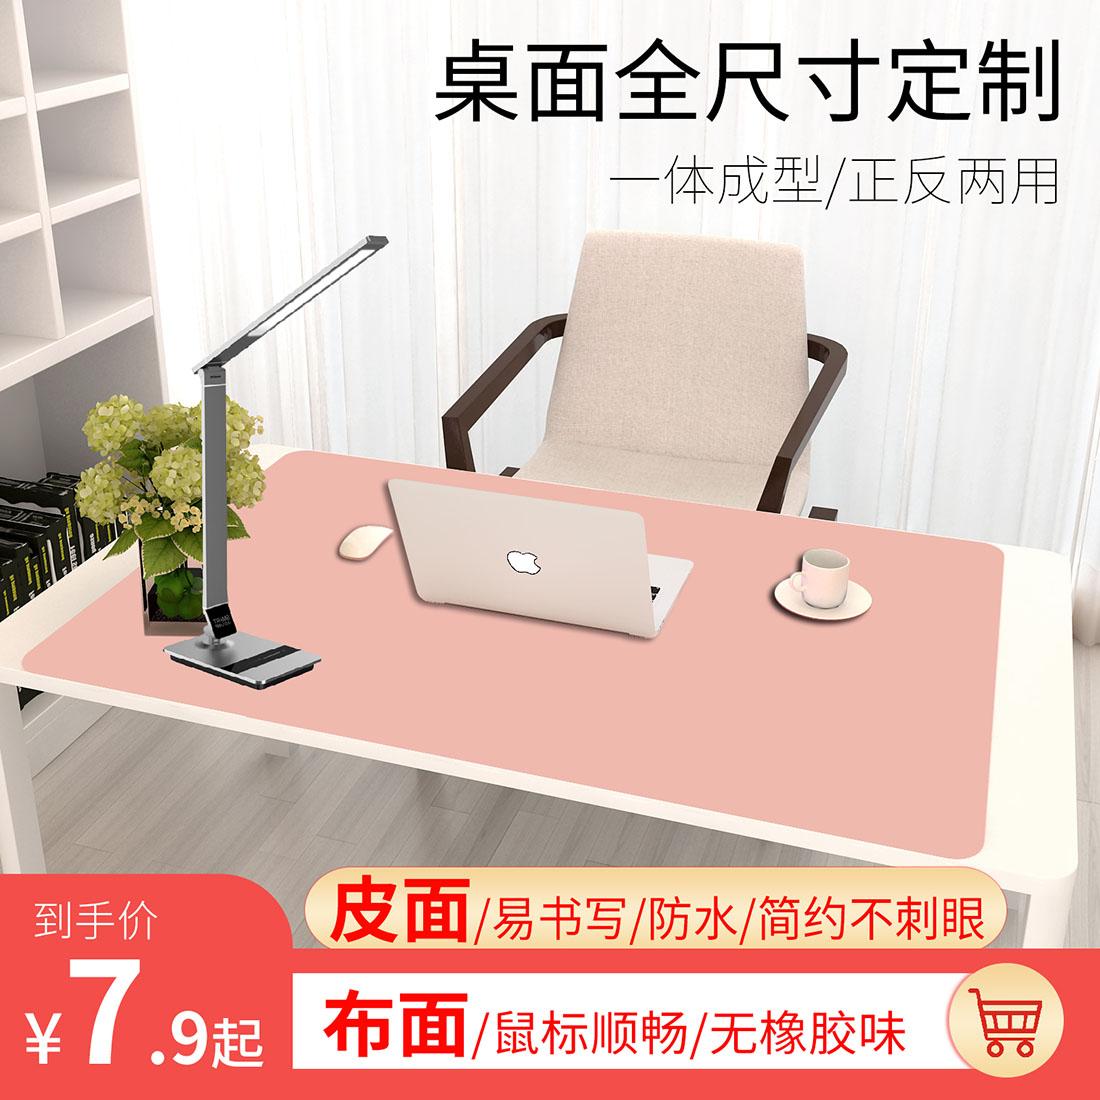 双面皮鼠标垫超大书桌垫办公桌垫学生写字垫笔记本电脑垫家用桌布